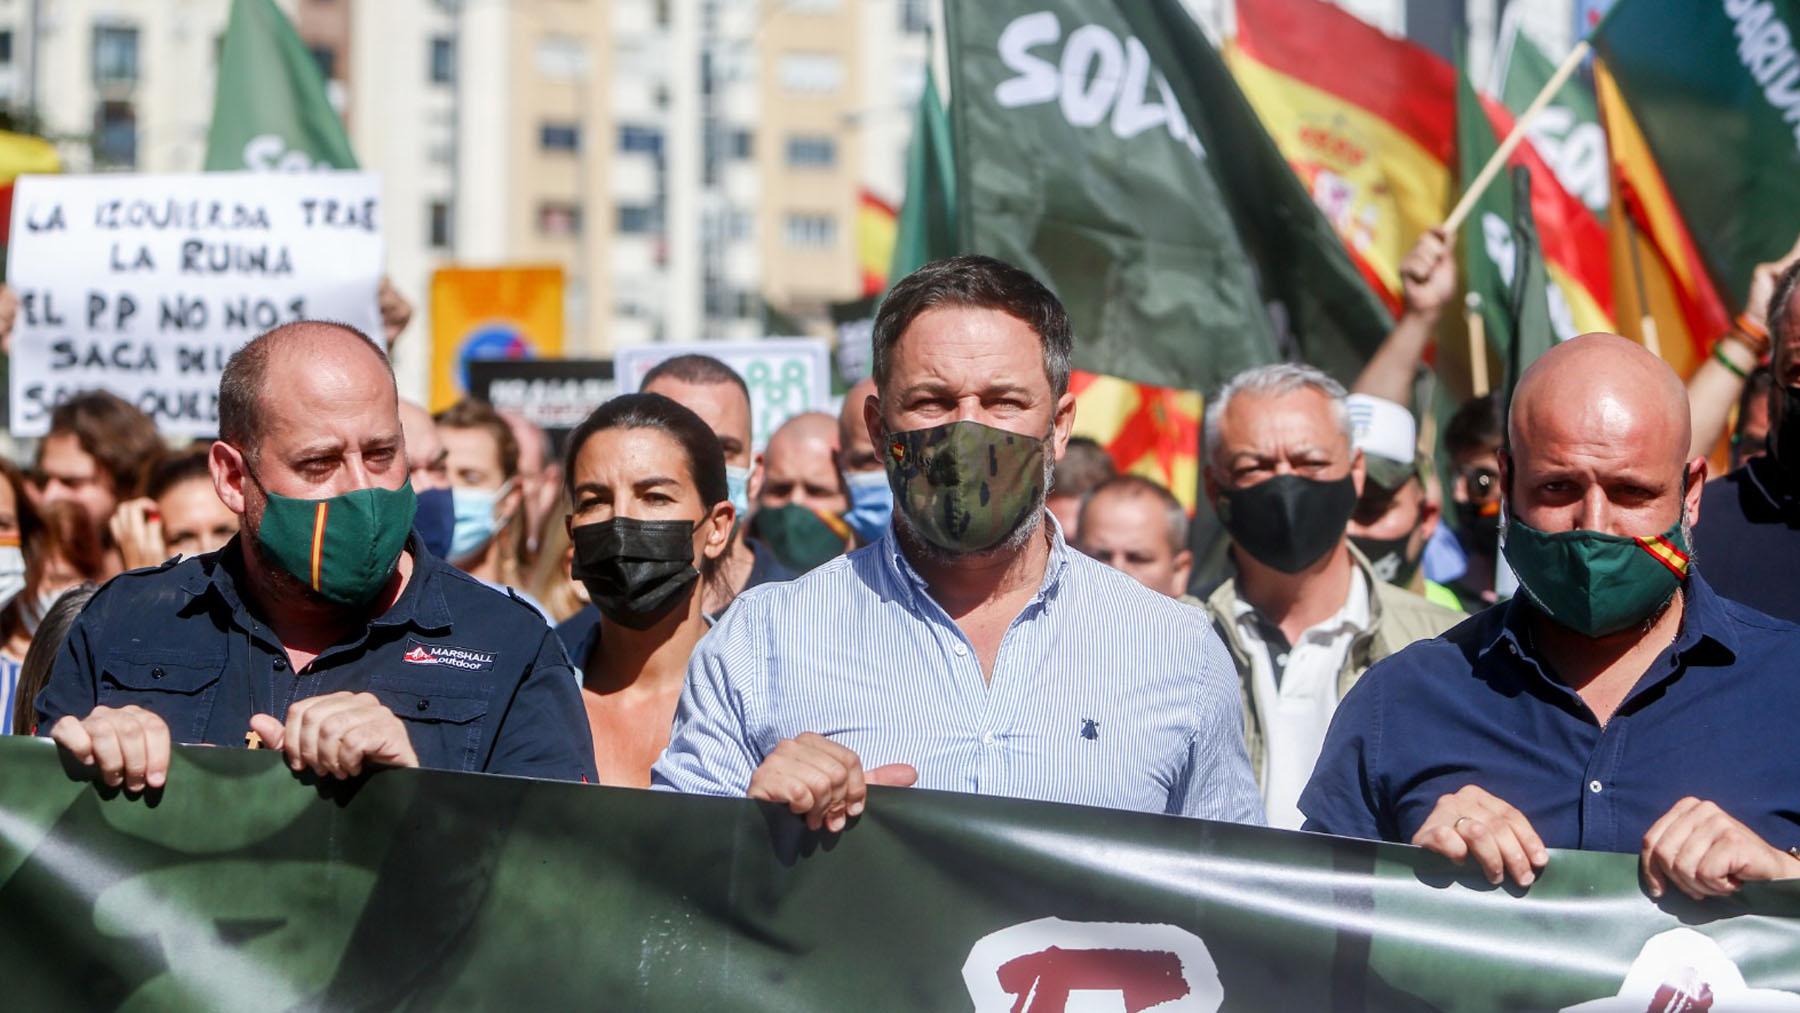 Manifestación del sindicato Solidaridad en Madrid contra la subida de la luz. (Imagen: Paco Toledo)